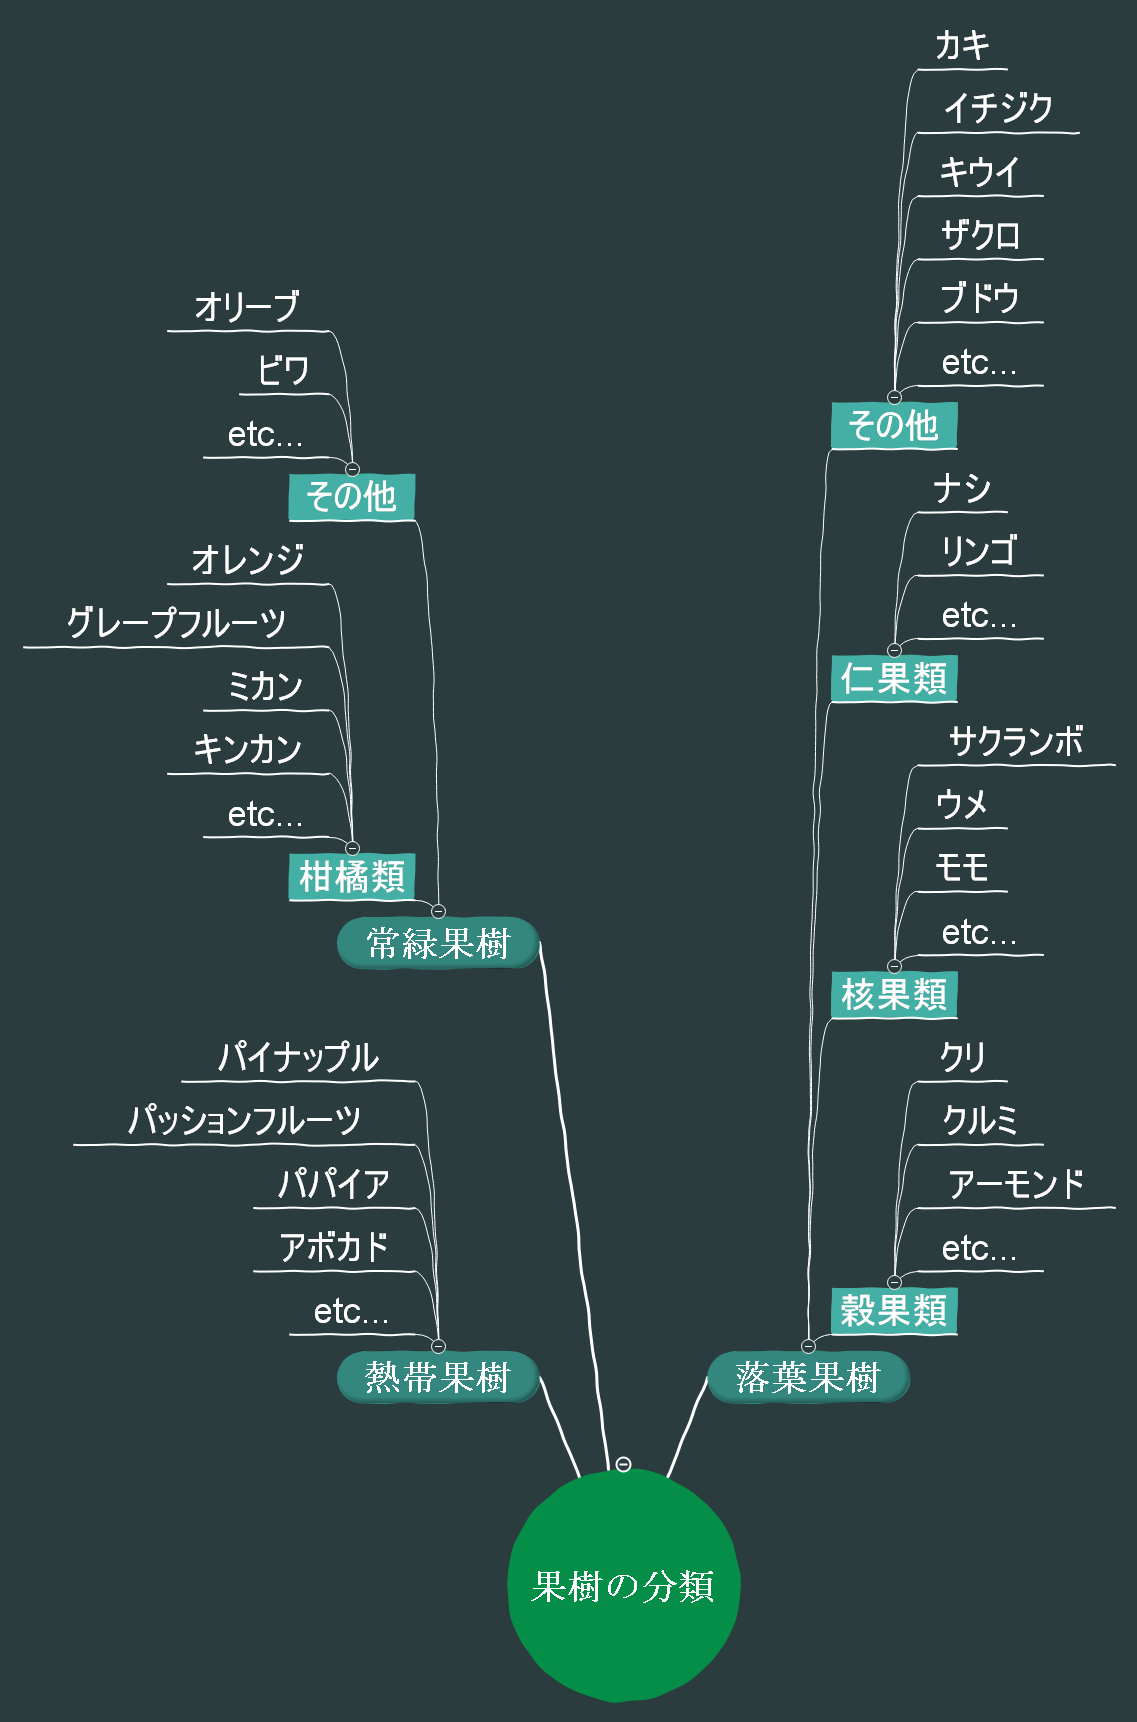 ツリー型マップ